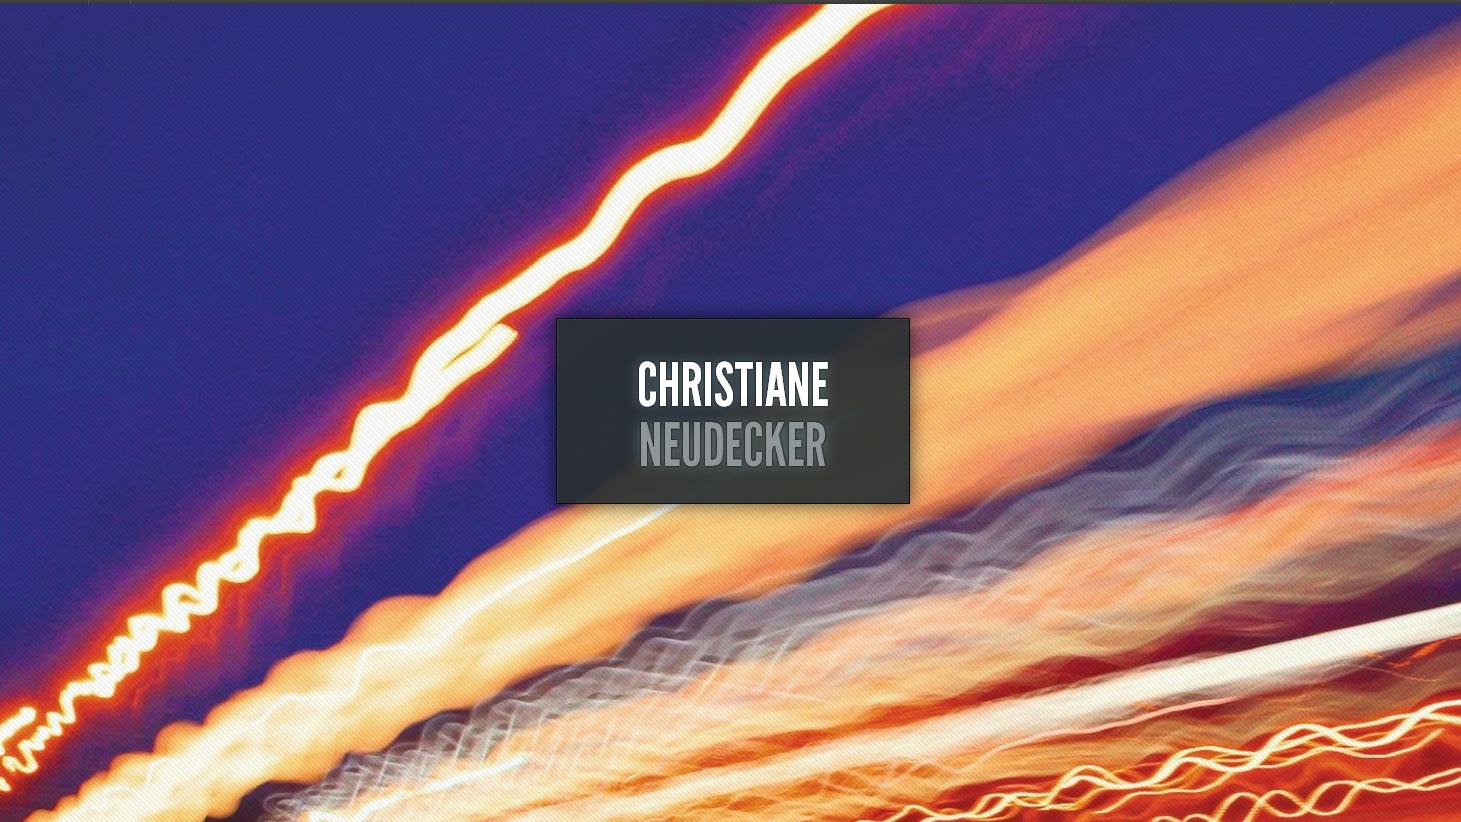 Autorinnen-Webseite: Christiane Neudecker